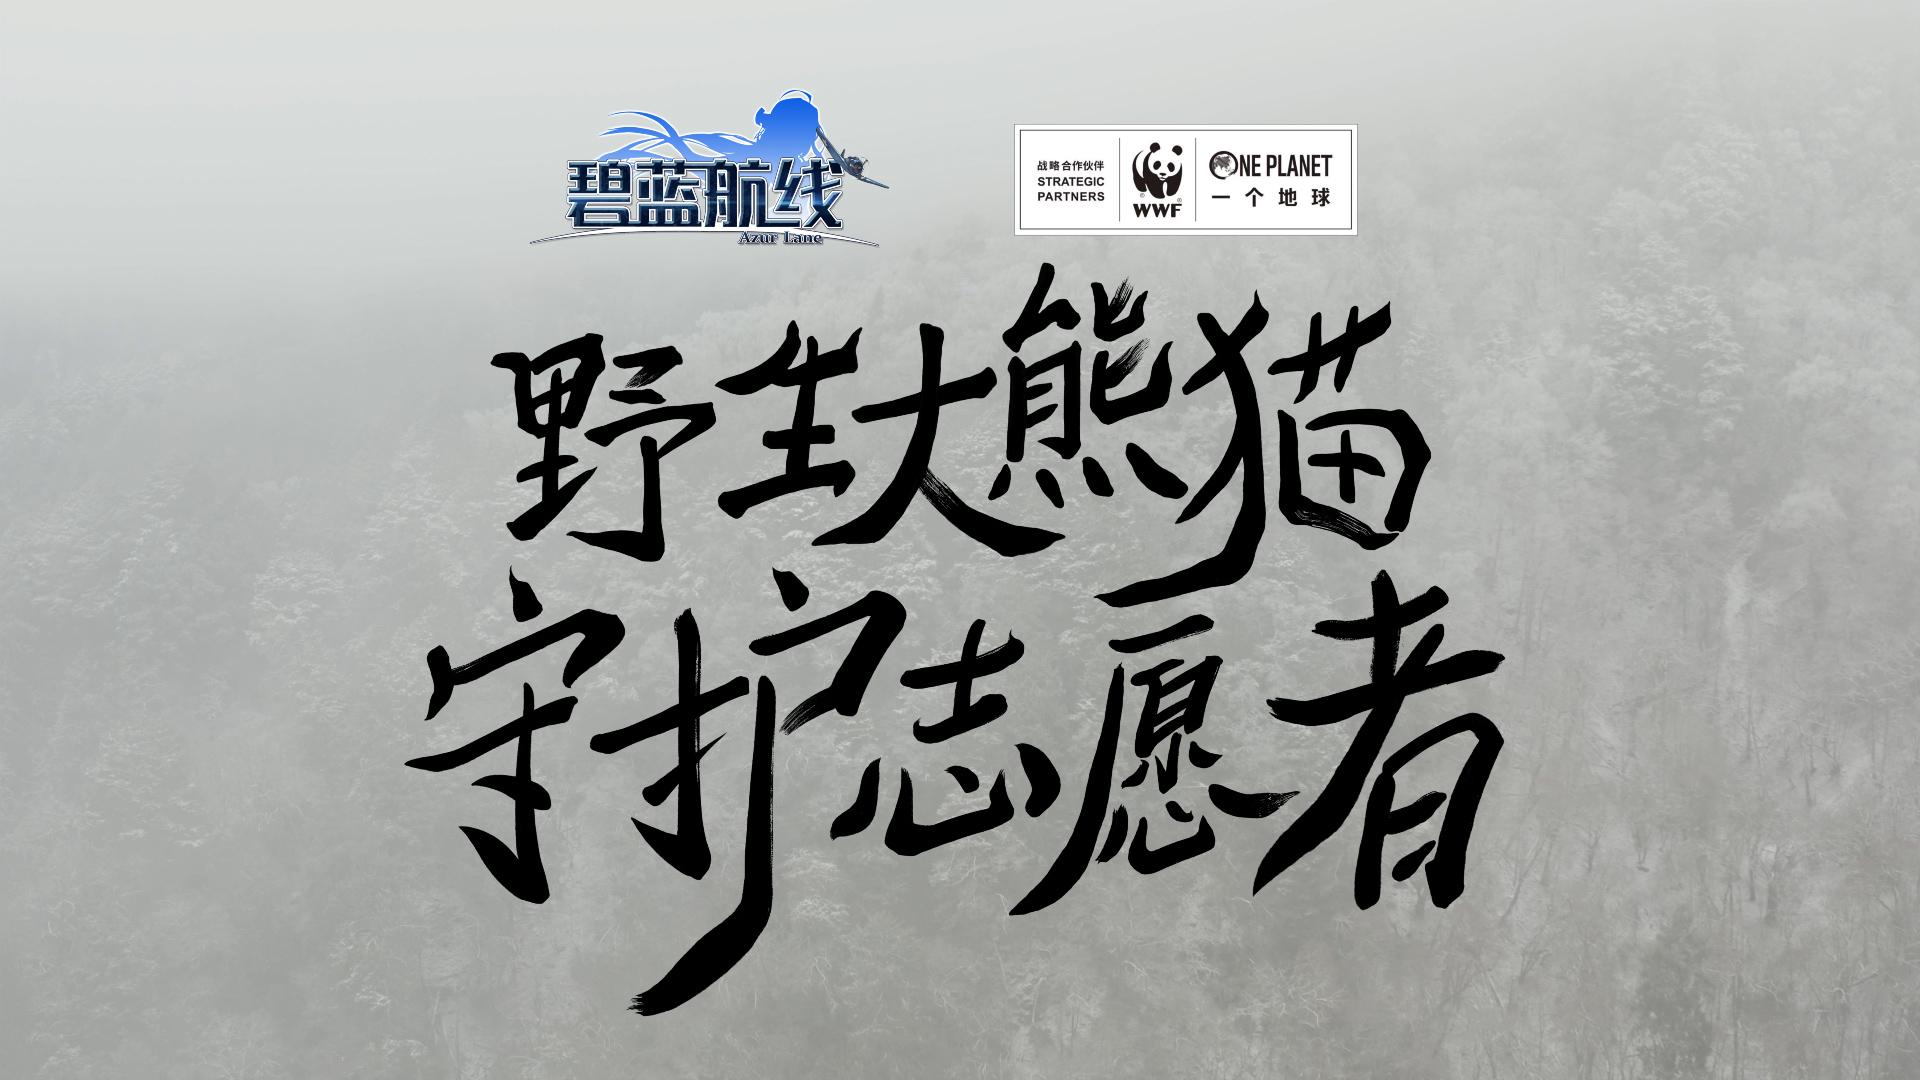 「碧蓝航线×WWF」最可爱的伙伴!——大熊猫公益宣传片